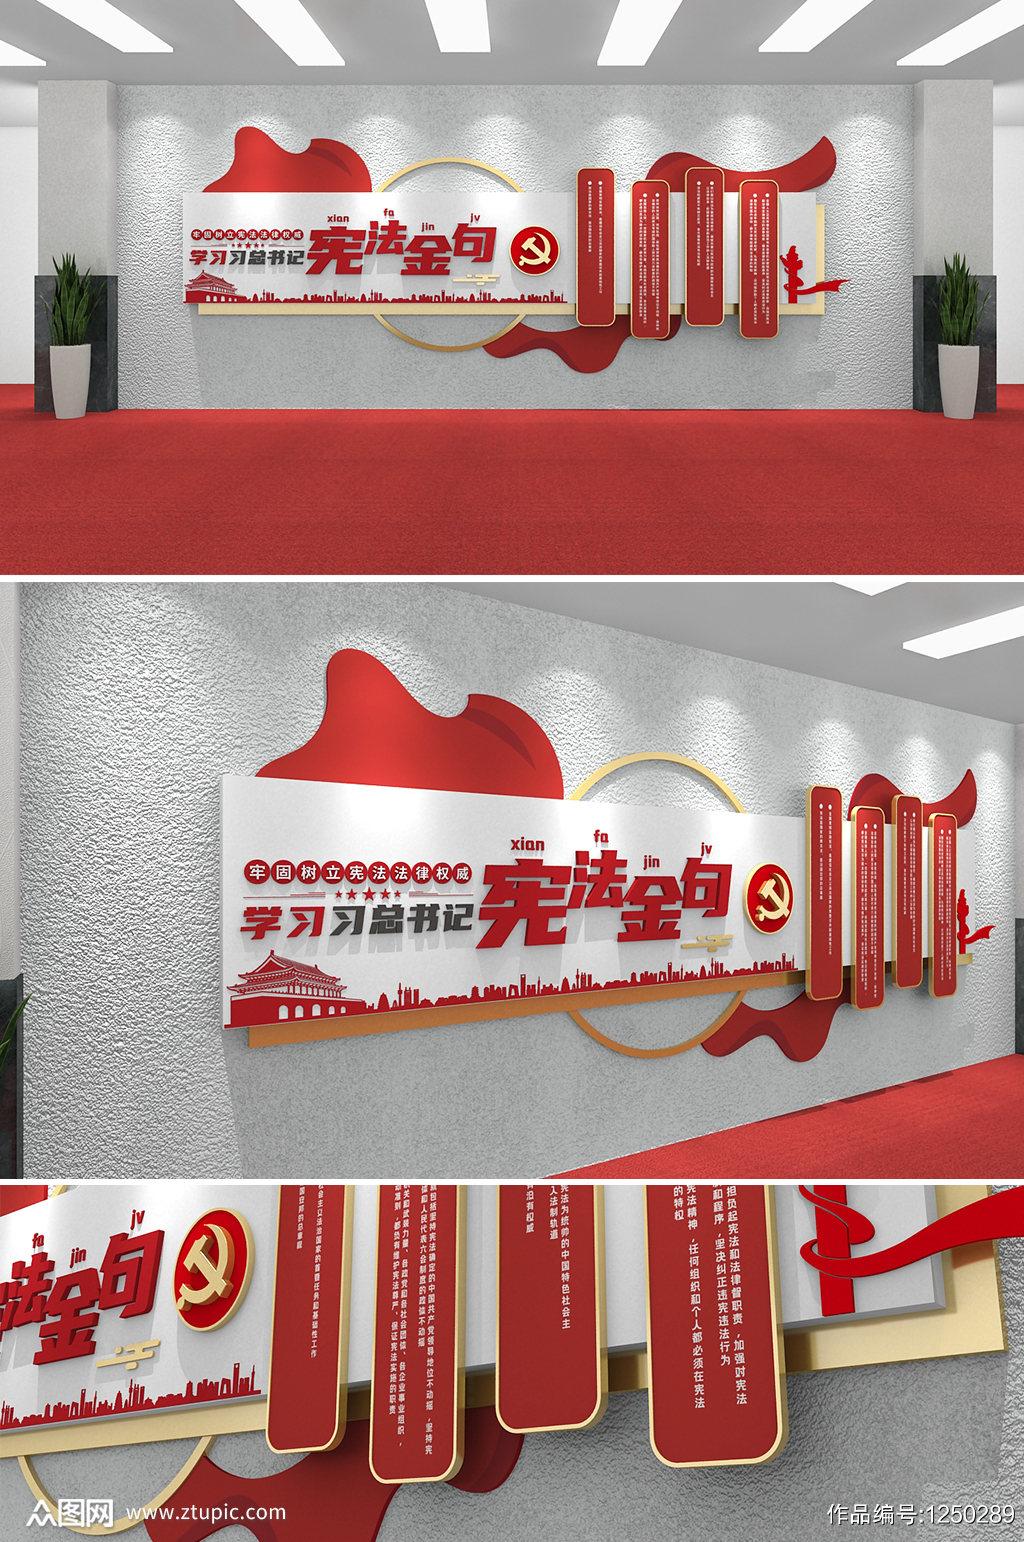 党建宪法金句总书记金句党建文化墙素材